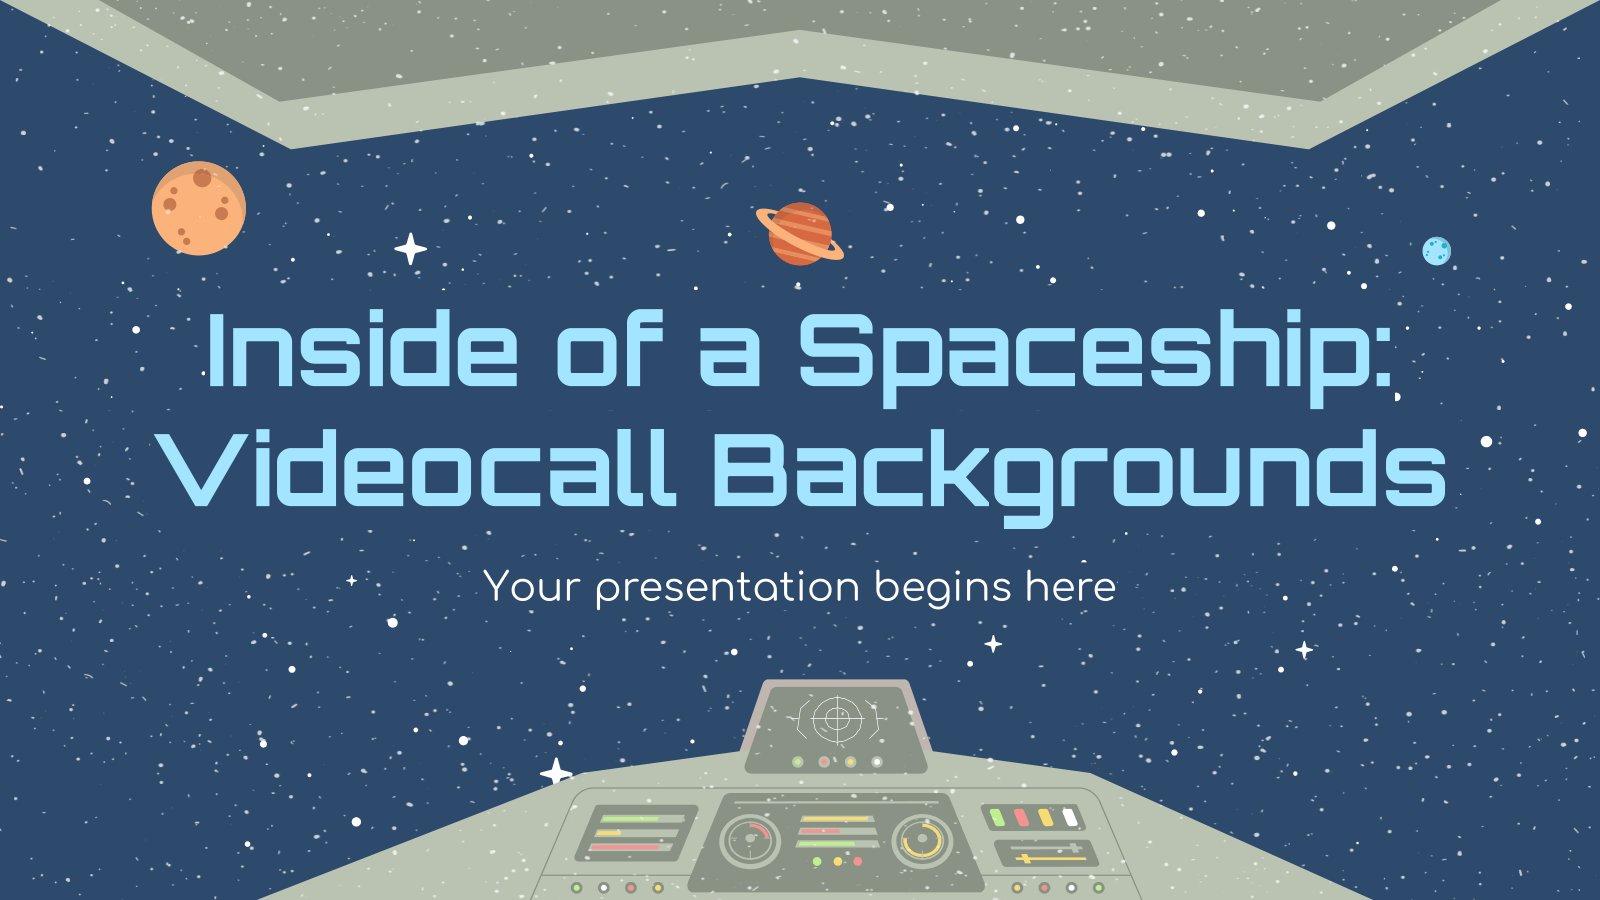 Plantilla de presentación En una nave espacial: fondos para videollamadas